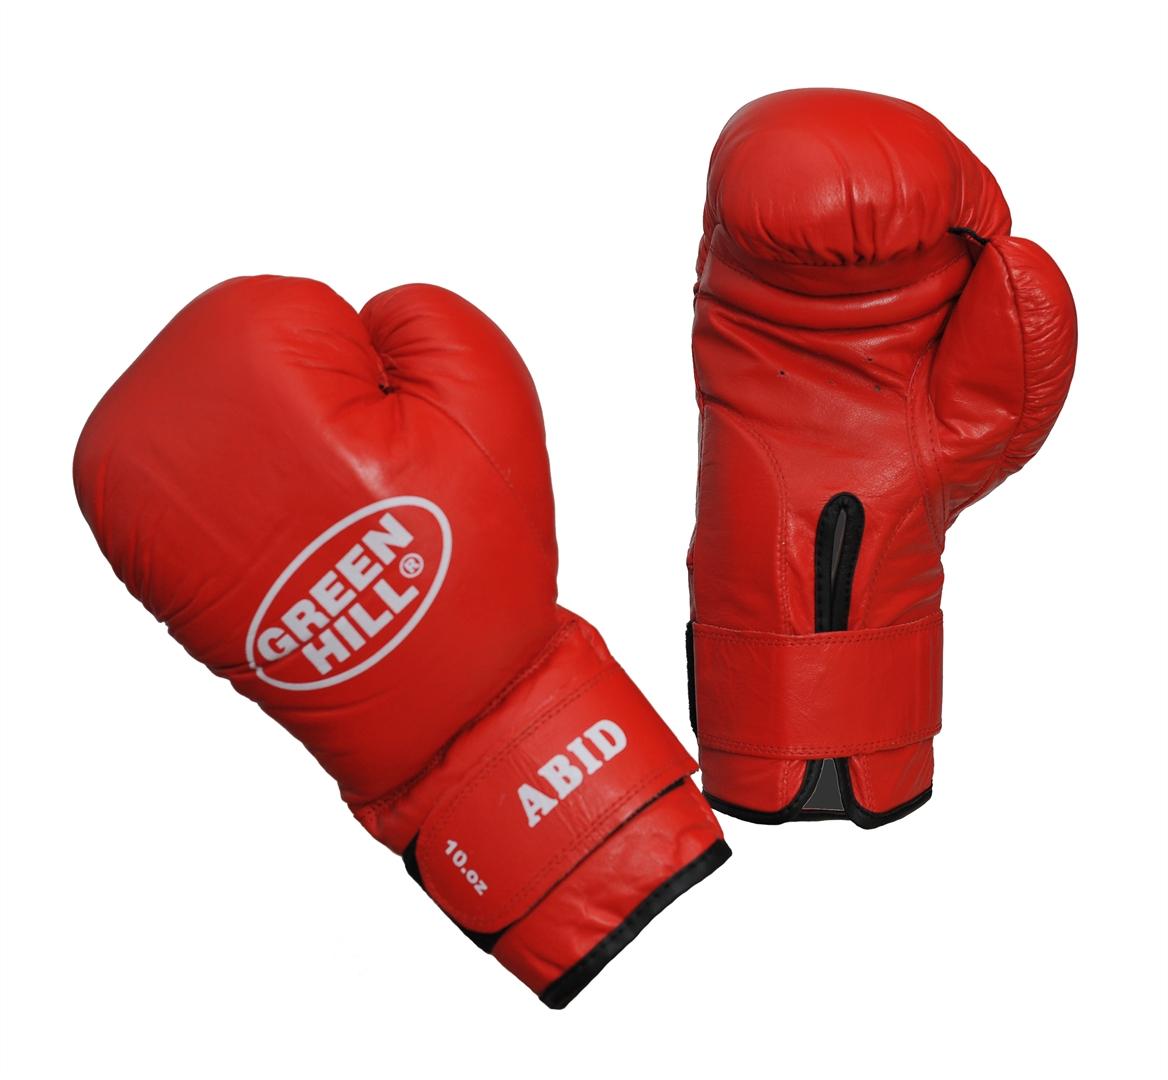 Перчатки боксерские Green Hill Abid, цвет: красный. Вес 10 унций